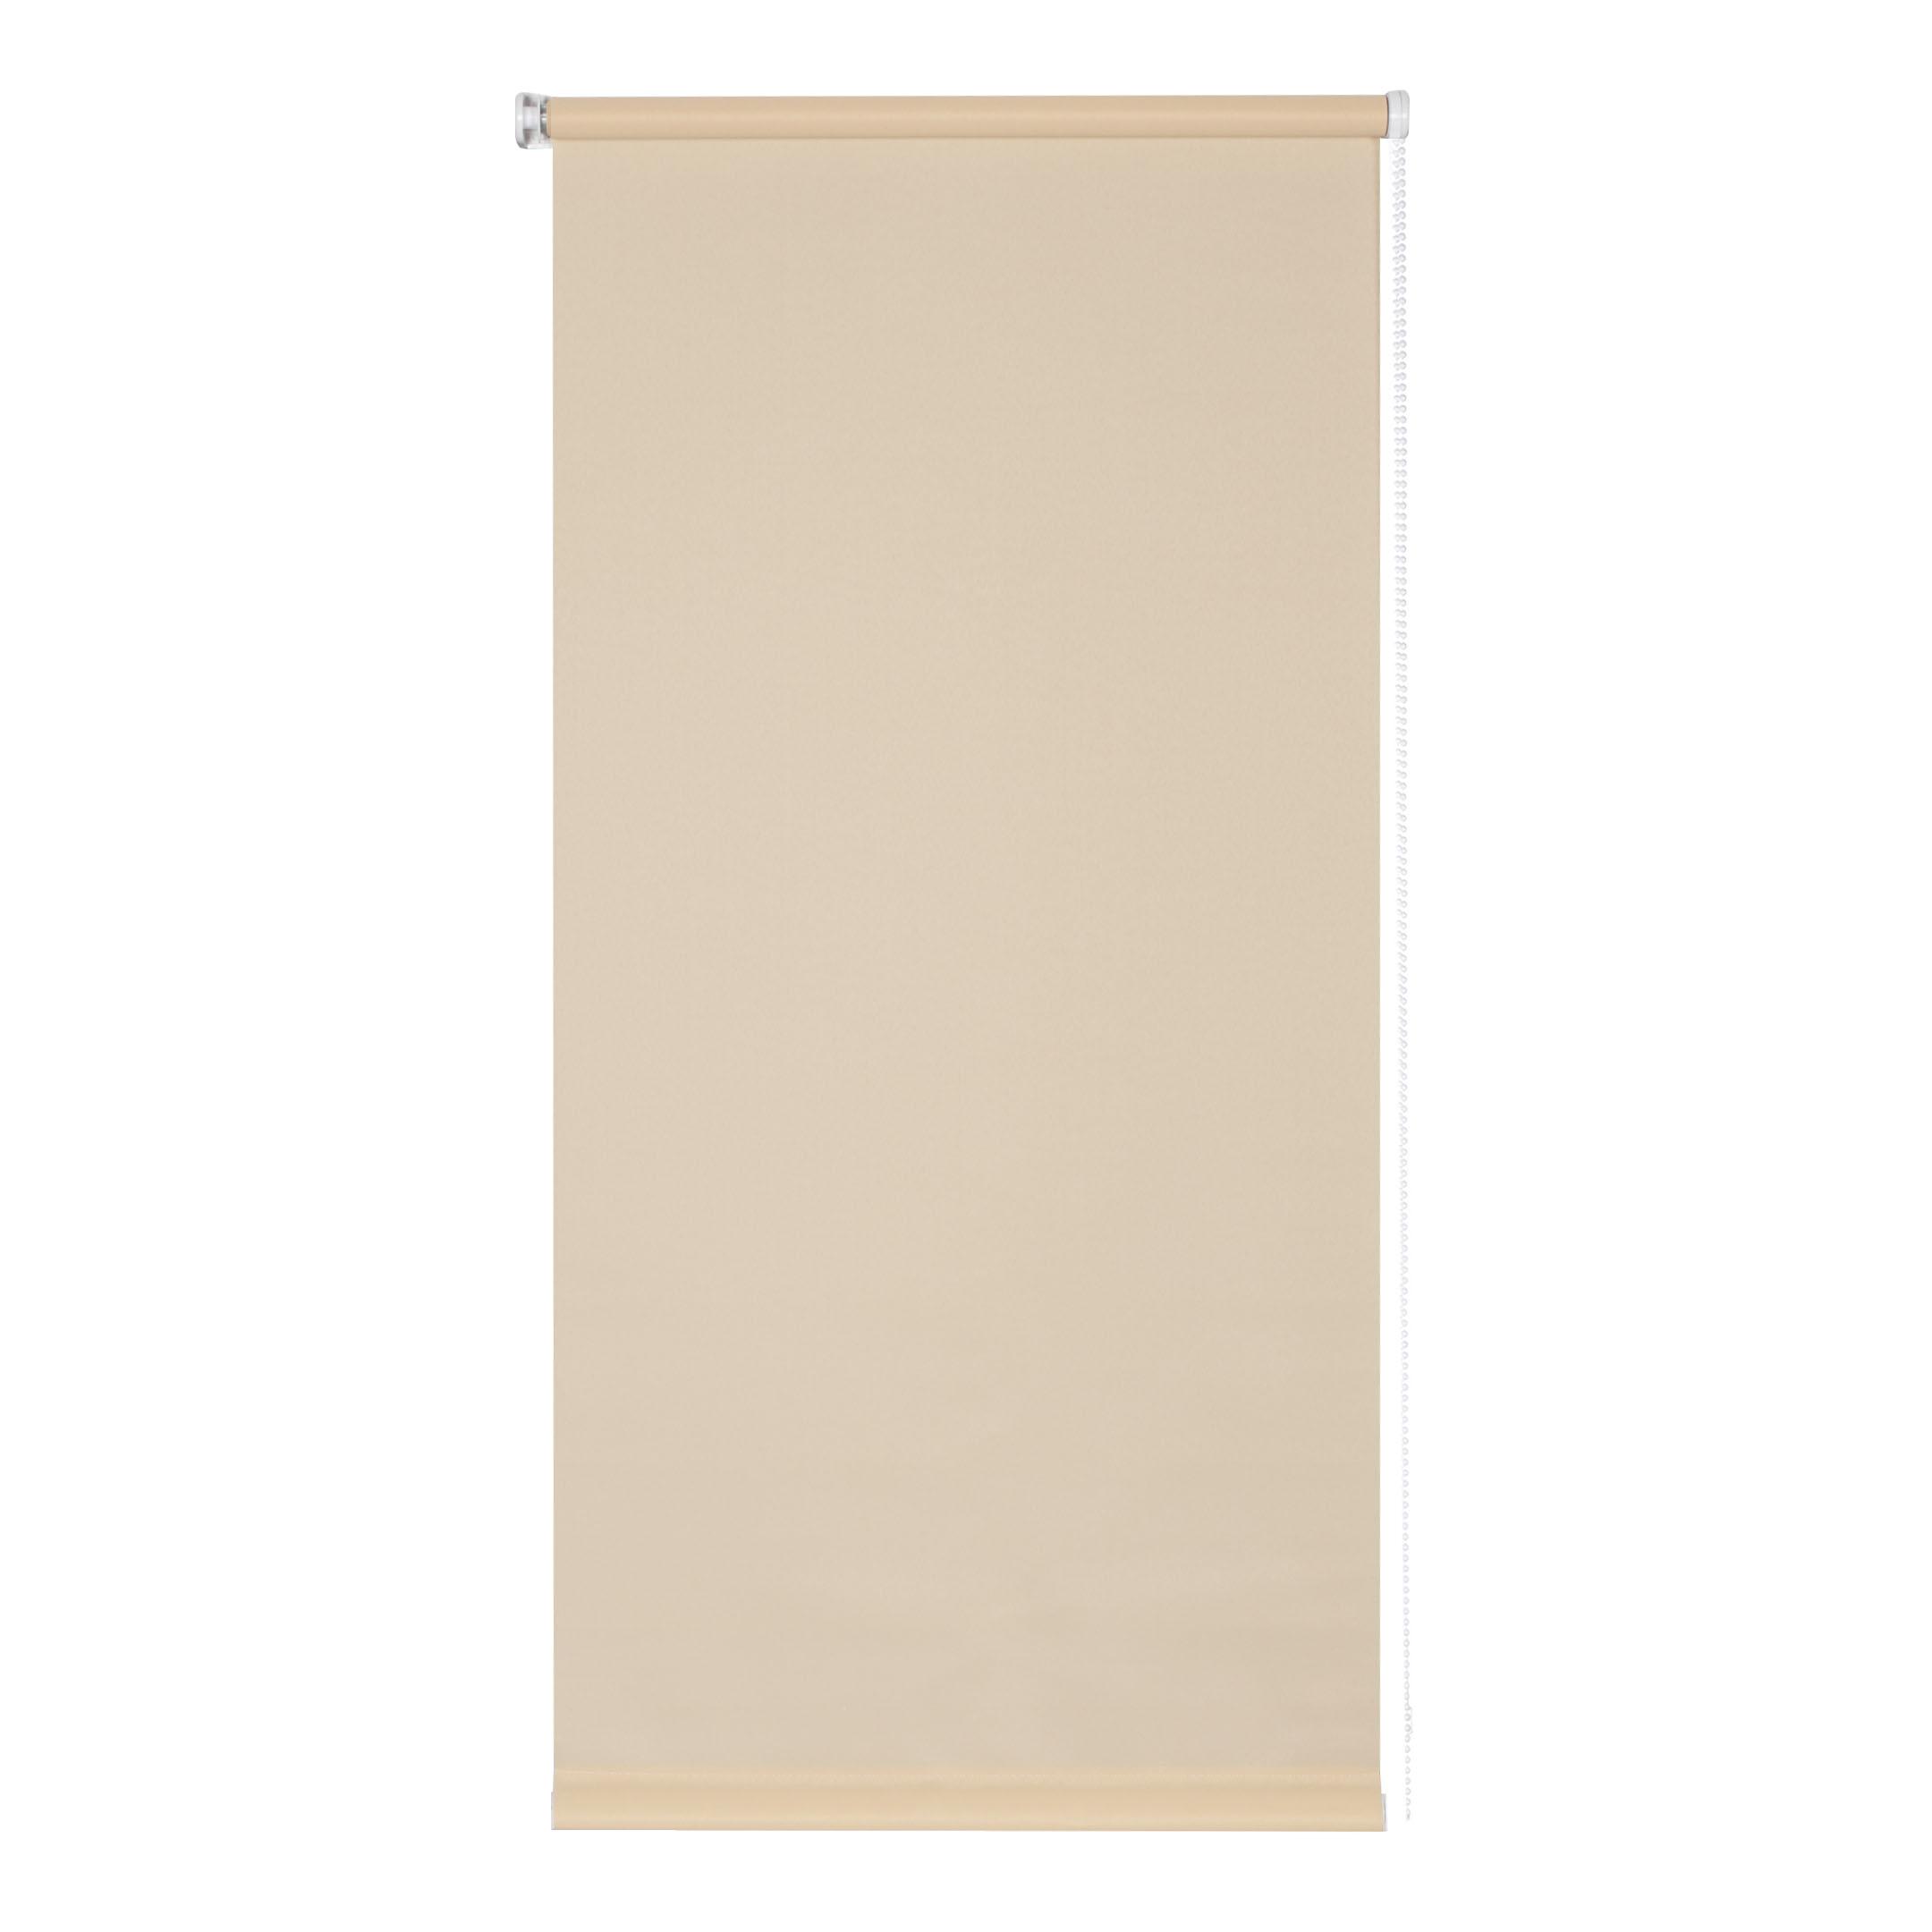 Фото - Штора рулонная Плайн 50х175 см кремовый штора рулонная плайн 50х175 см фисташковый